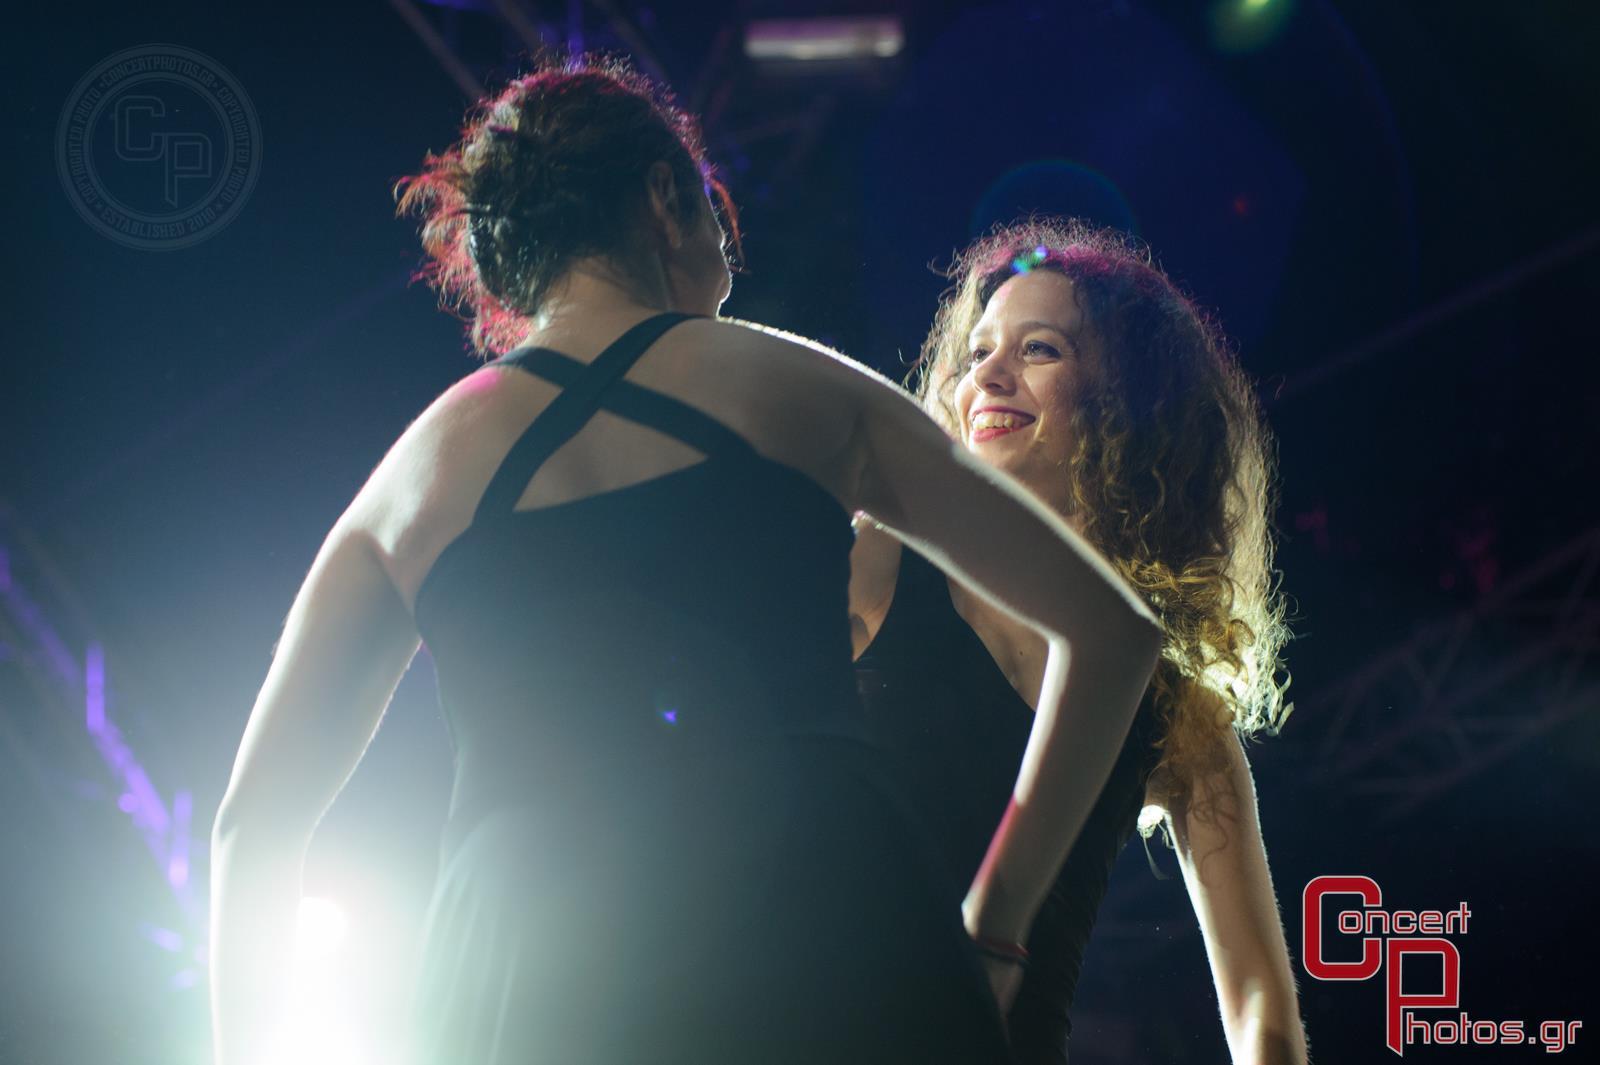 Μία συναυλία για τη Σχεδία 2014-Sxedia 2014 photographer:  - concertphotos_20140526_21_54_13